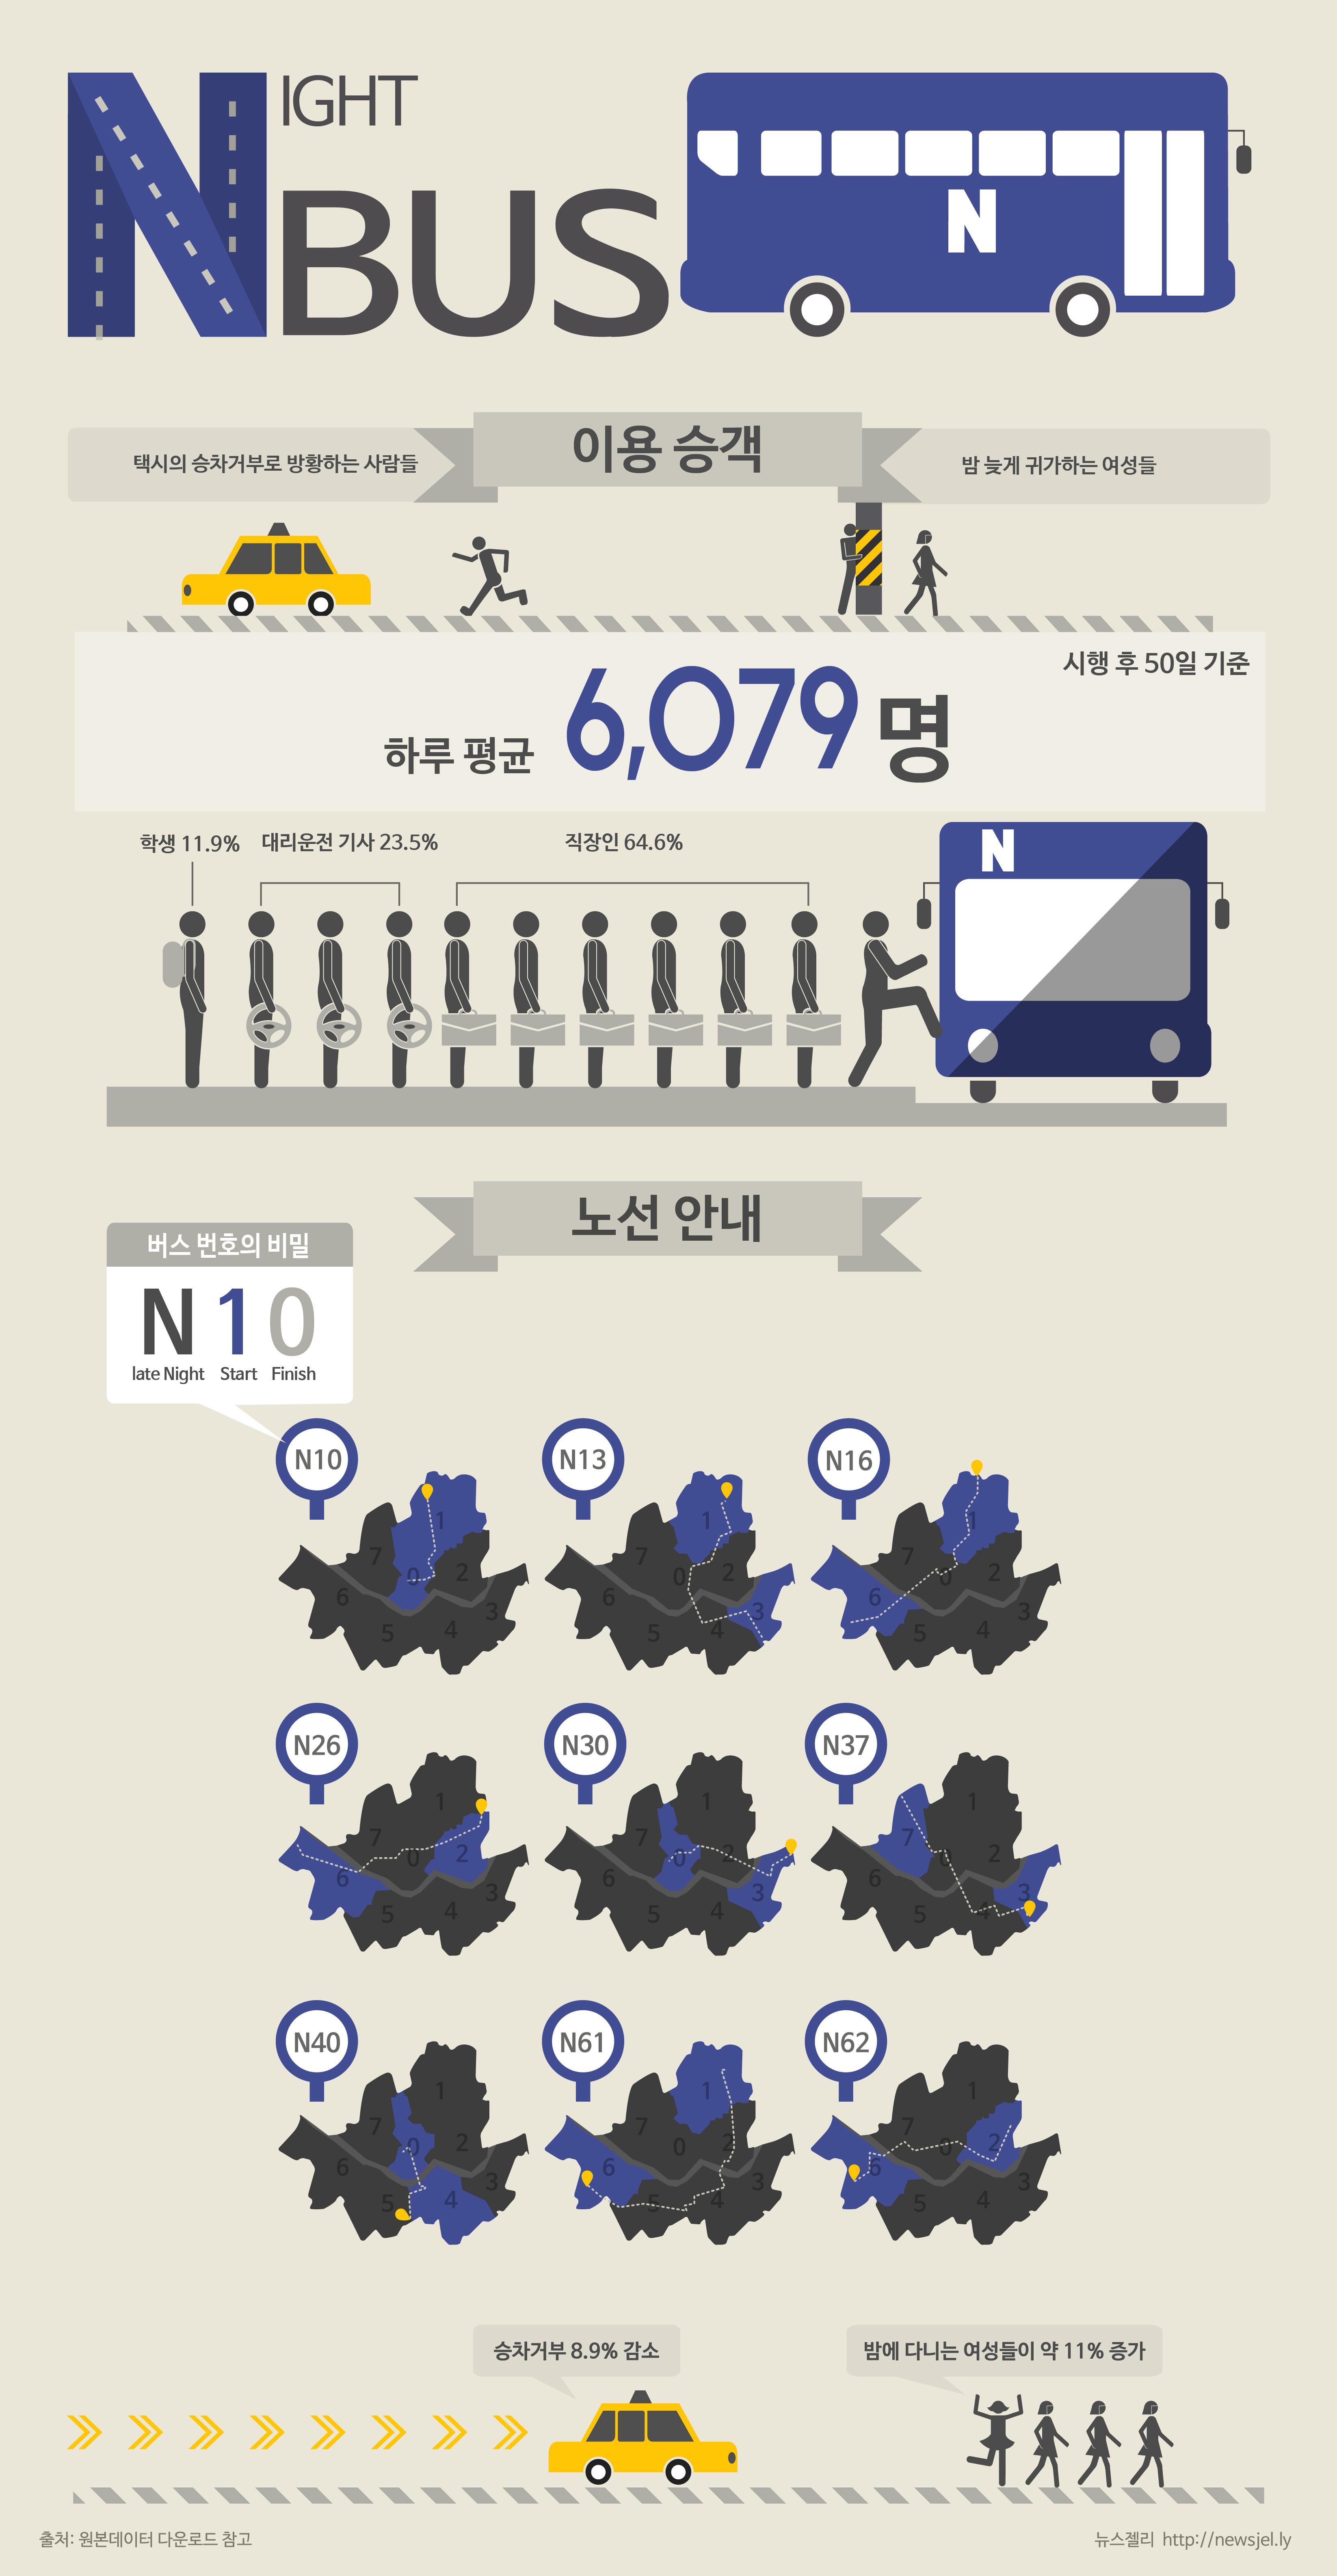 [한컷뉴스] '올빼미 버스' 번호에 숨겨진 비밀